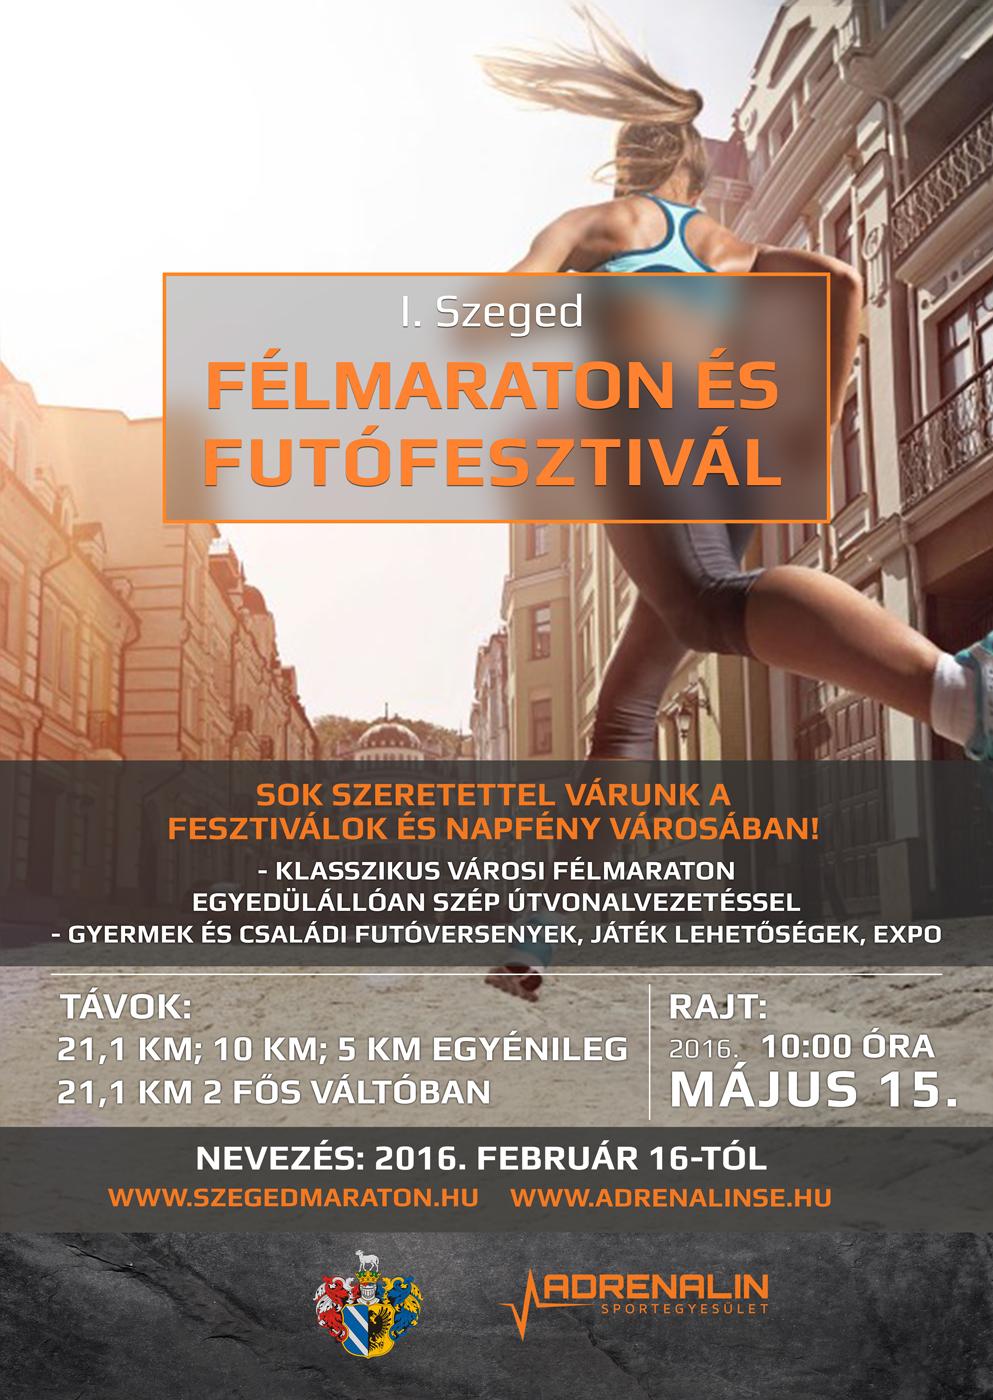 Indul az I. Szeged Félmaraton és Futófesztivál